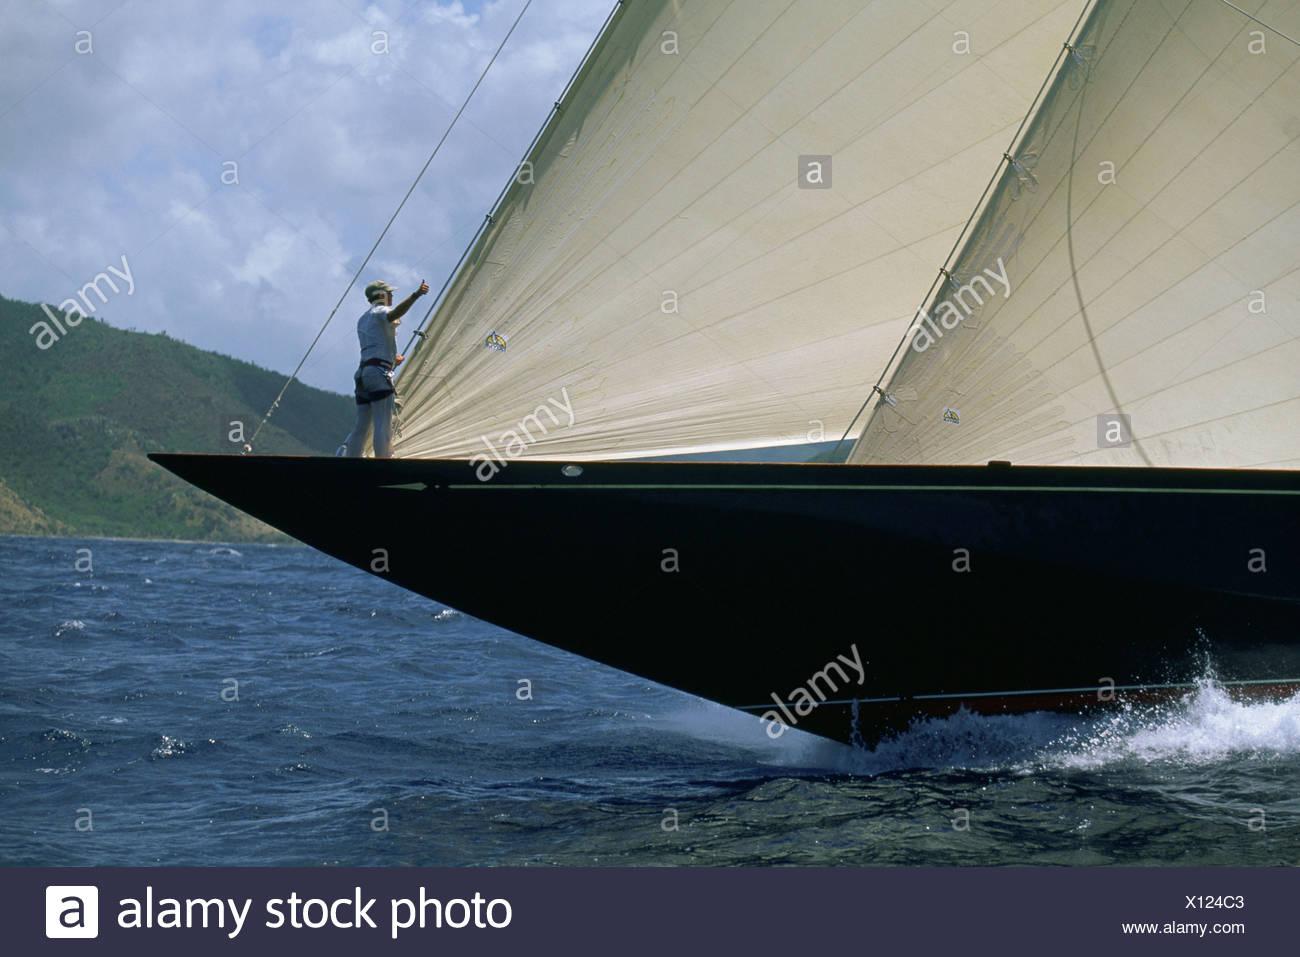 Yacht Racing Caribbean Stock Photos Amp Yacht Racing